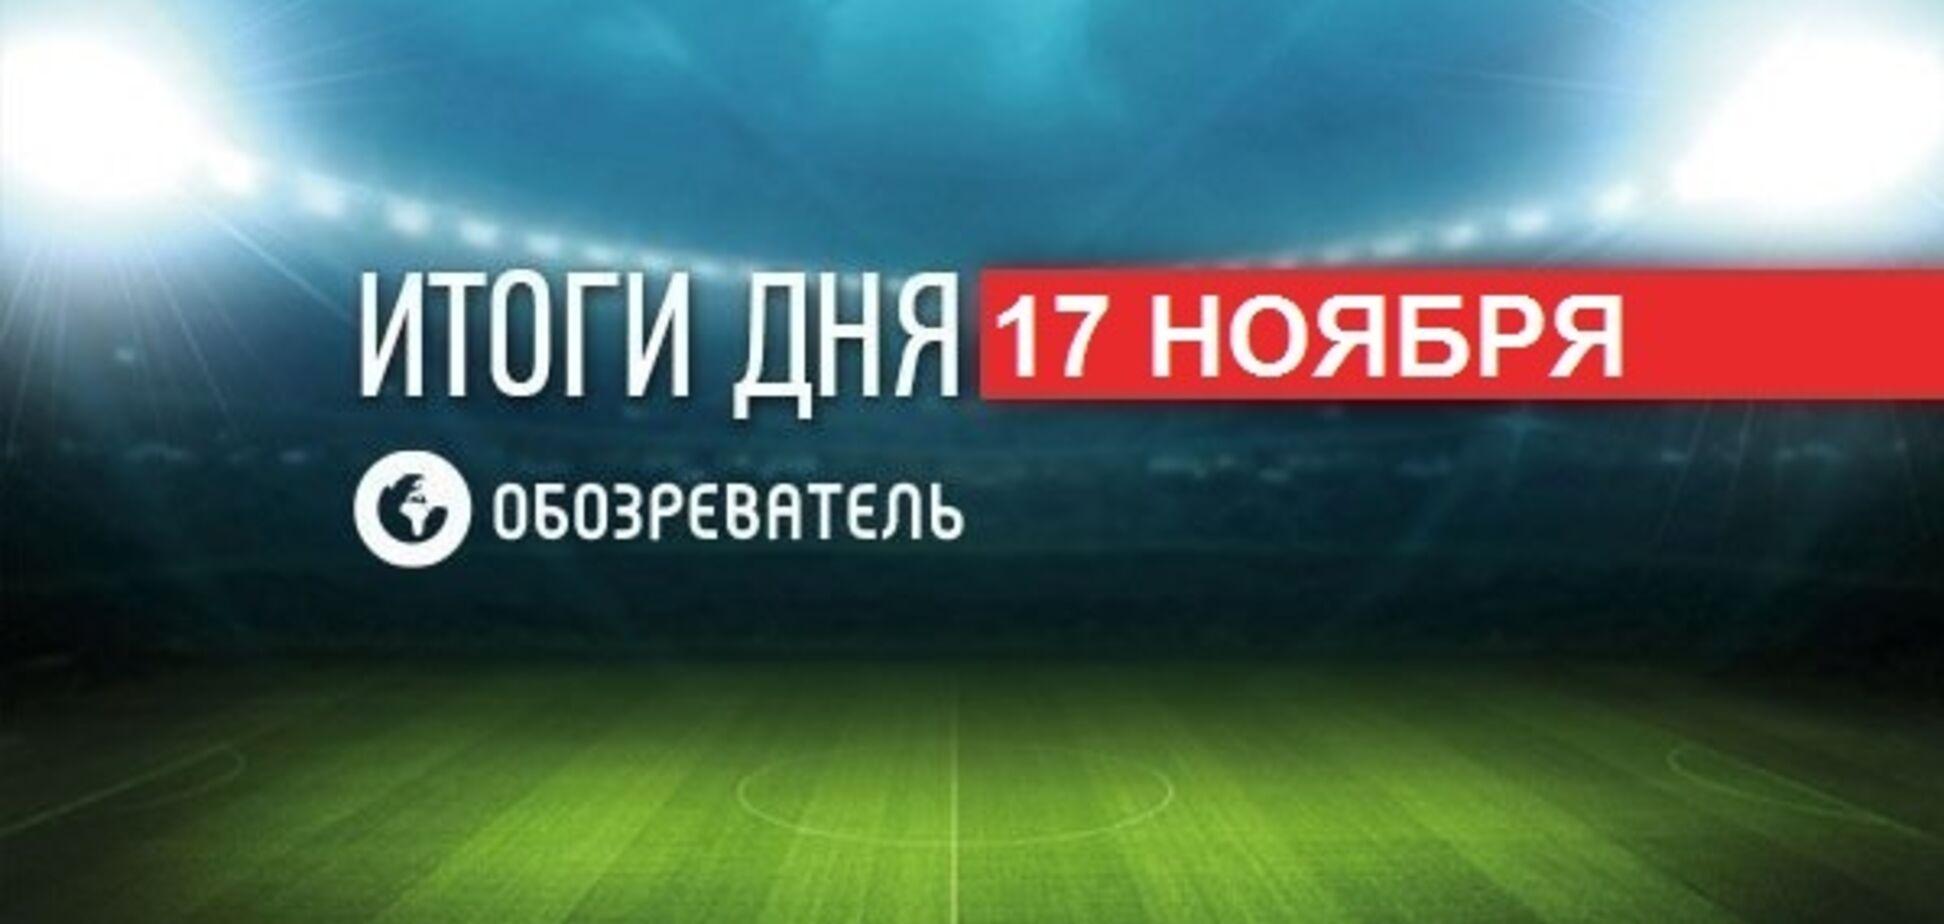 Україна з рекордом завершила відбір Євро-2020: спортивні підсумки 17 листопада